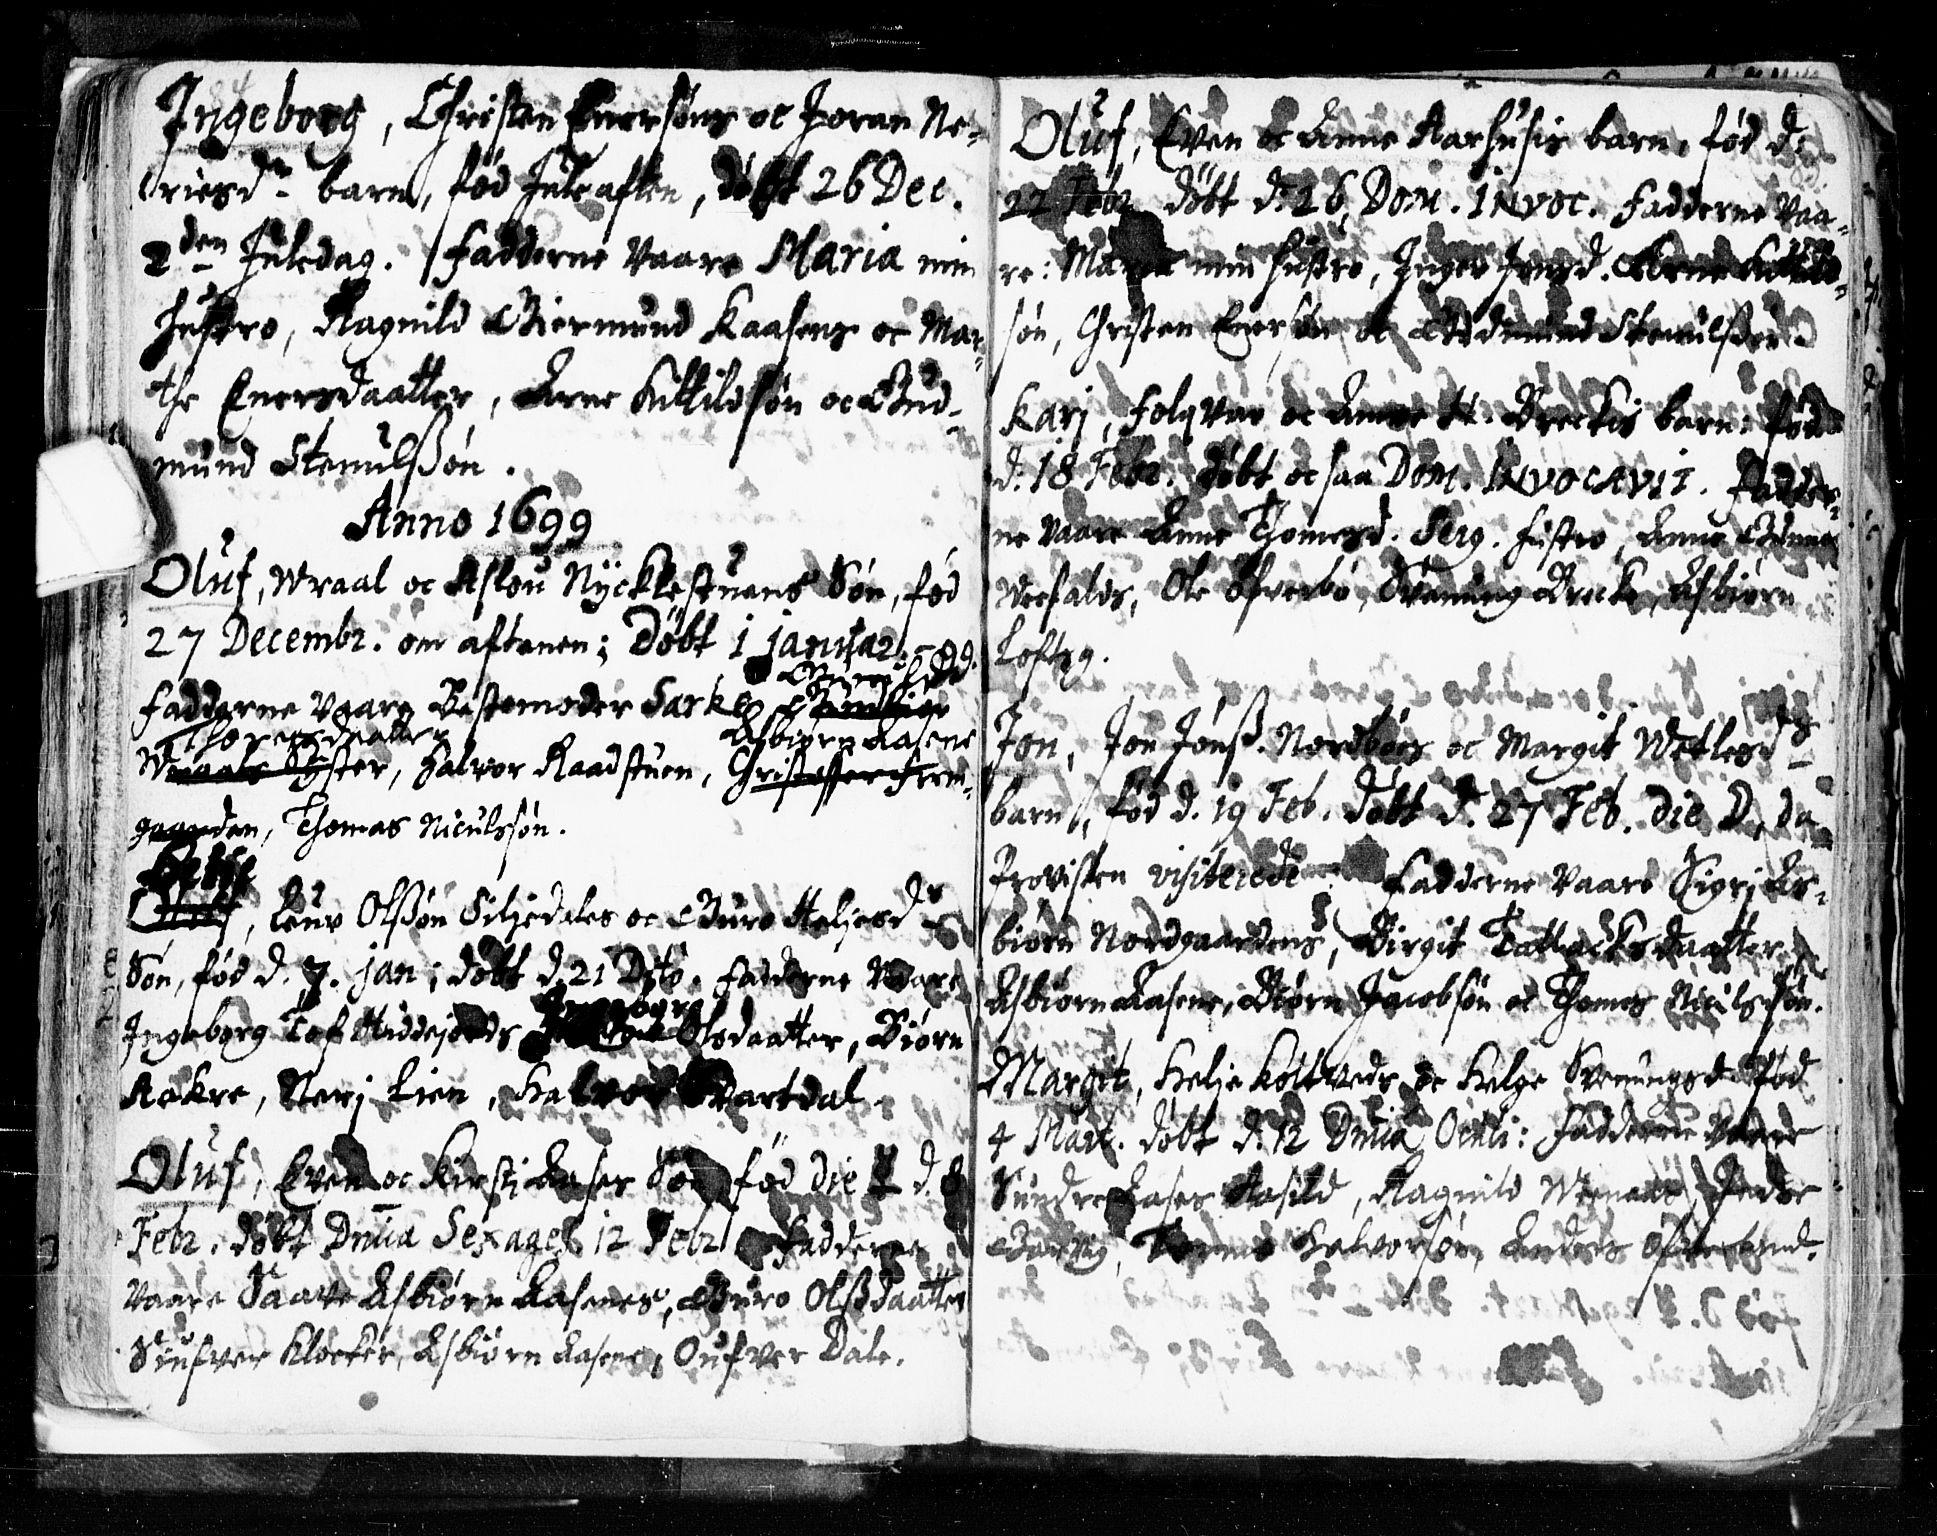 SAKO, Seljord kirkebøker, F/Fa/L0002: Ministerialbok nr. I 2, 1689-1713, s. 84-85